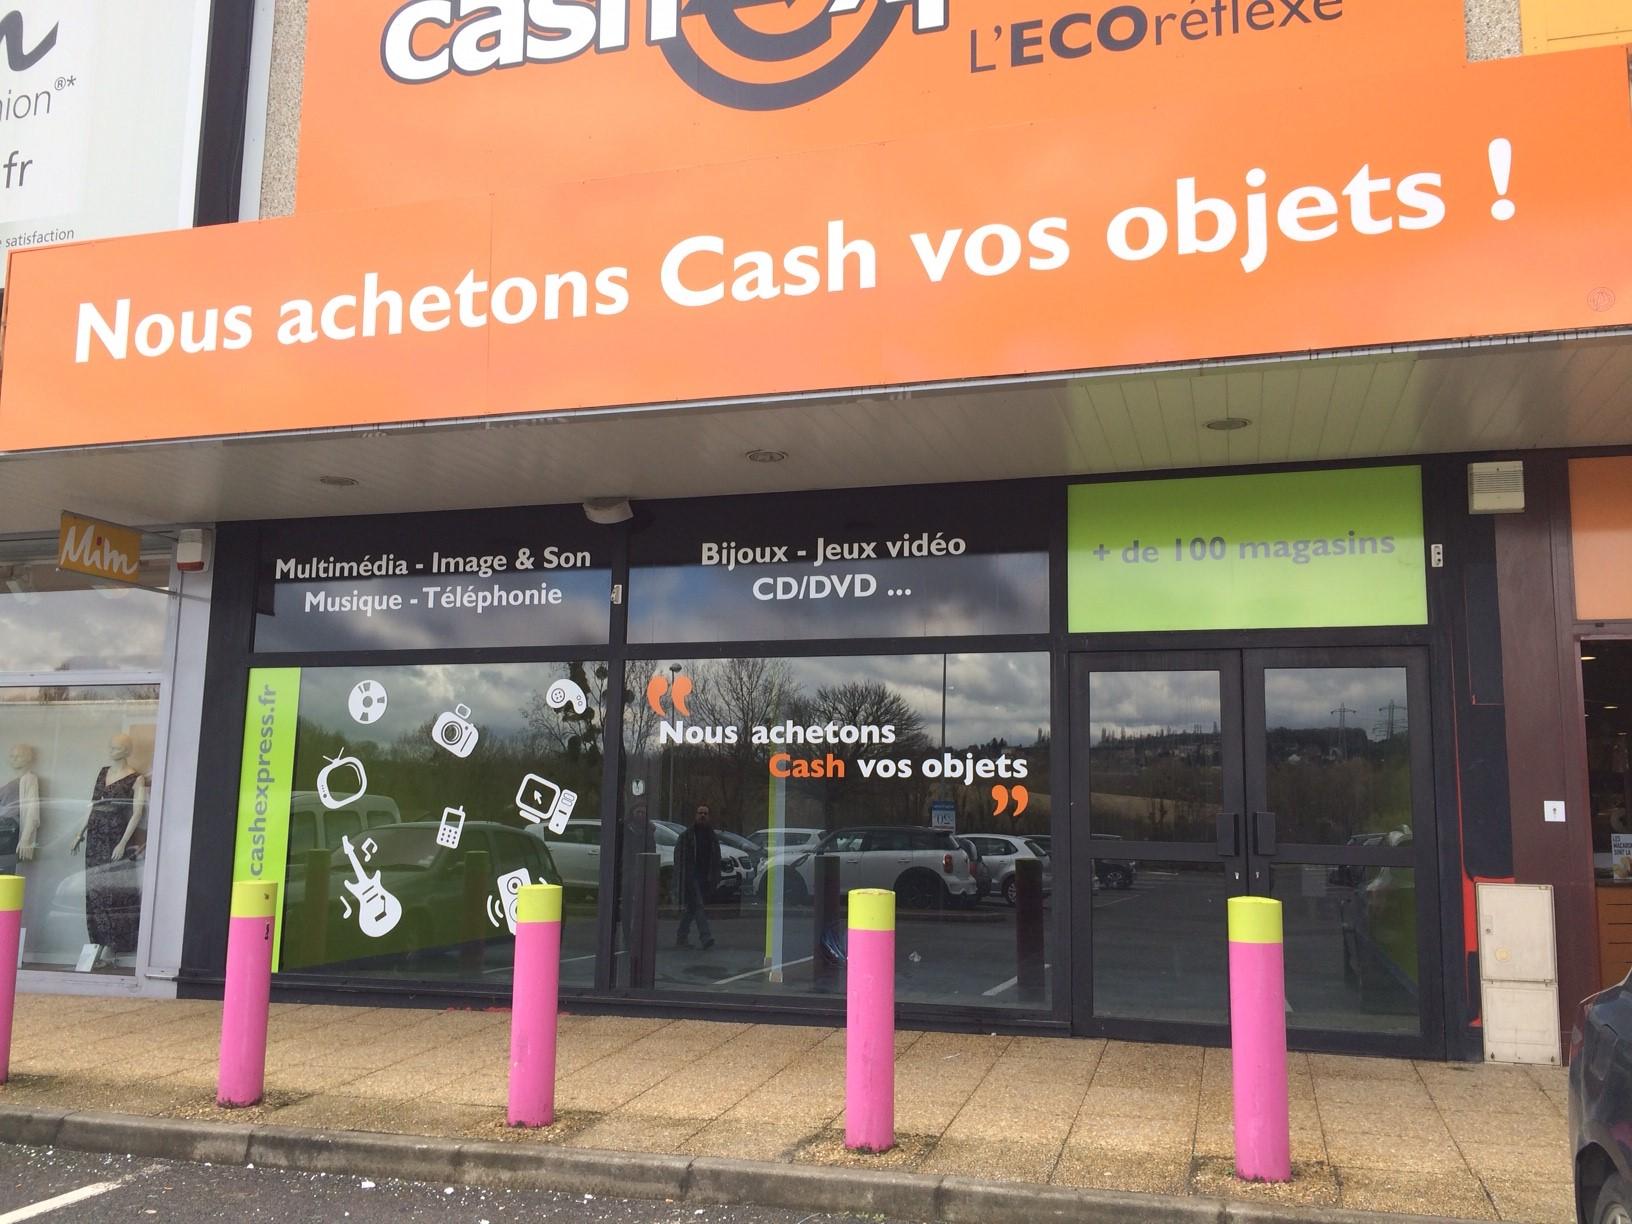 Villebon magasin cash express for Franchise cash piscine